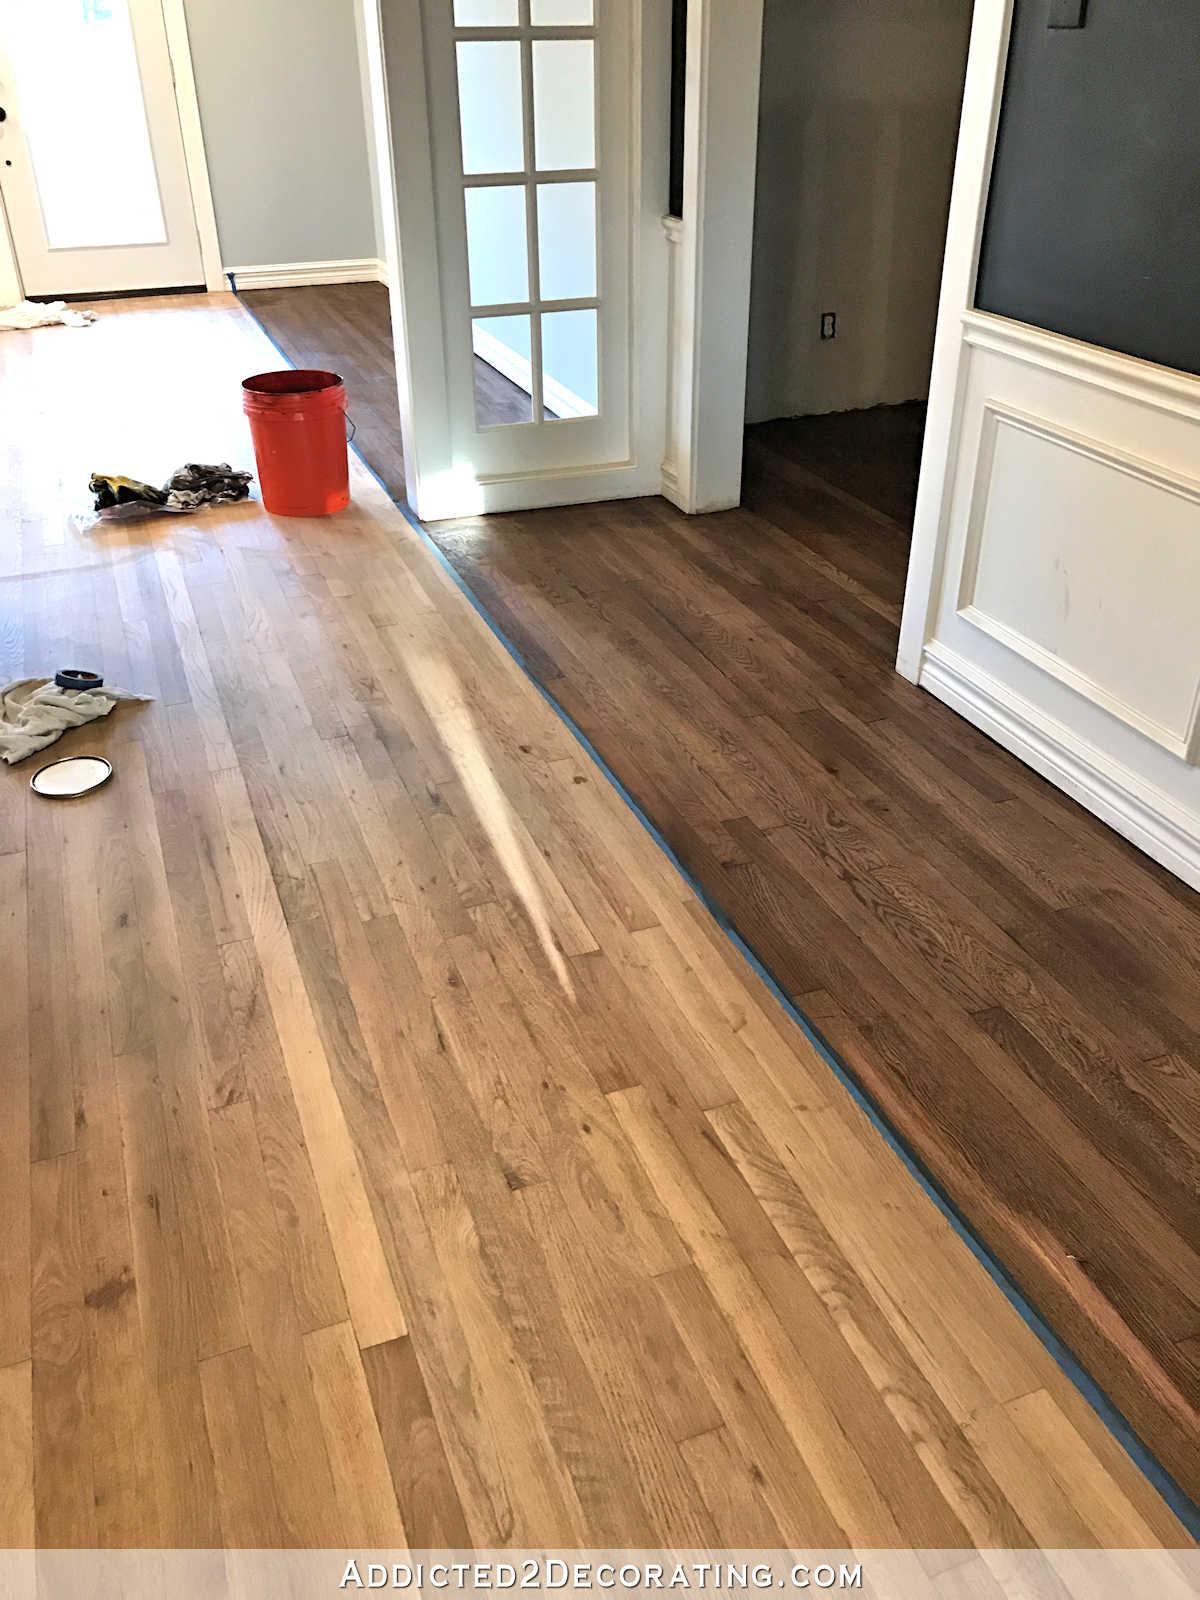 22 Amazing Do It Yourself Hardwood Floor Refinishing Without